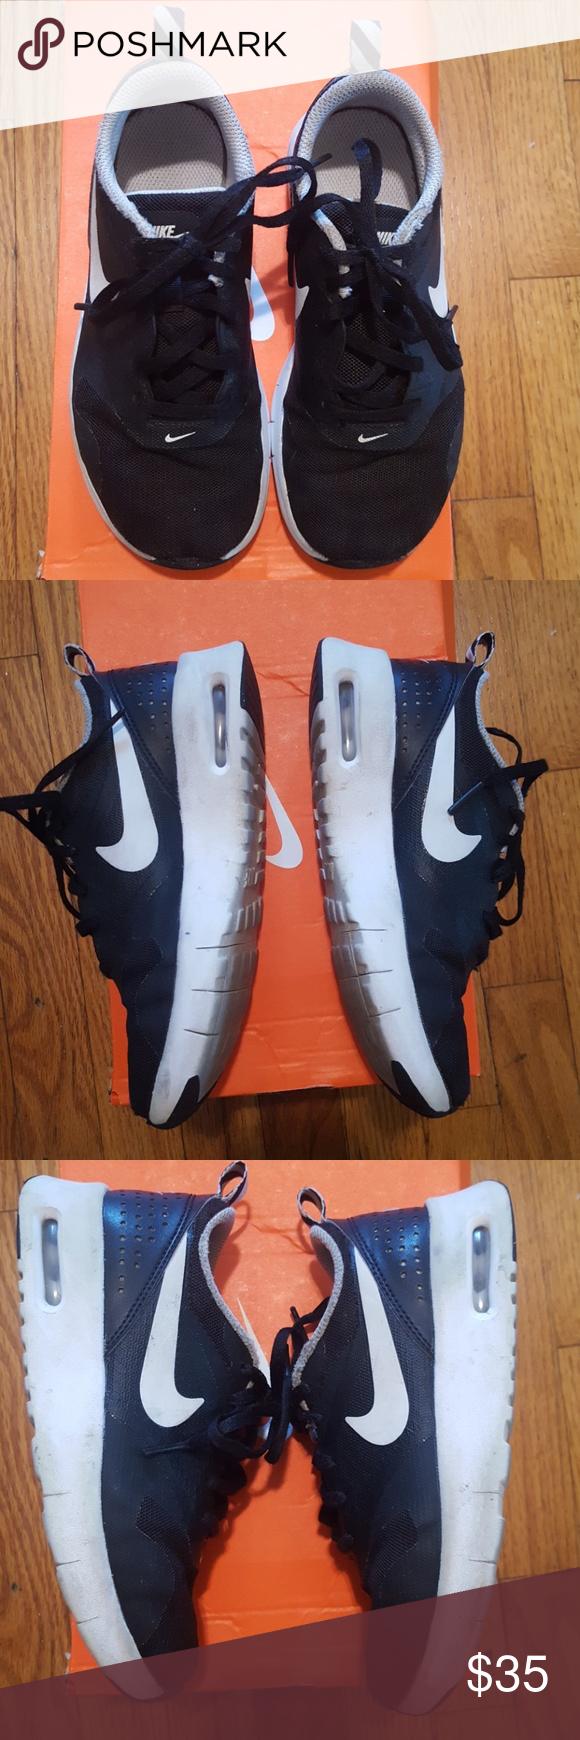 Nike Air Max Zero Shoelaces